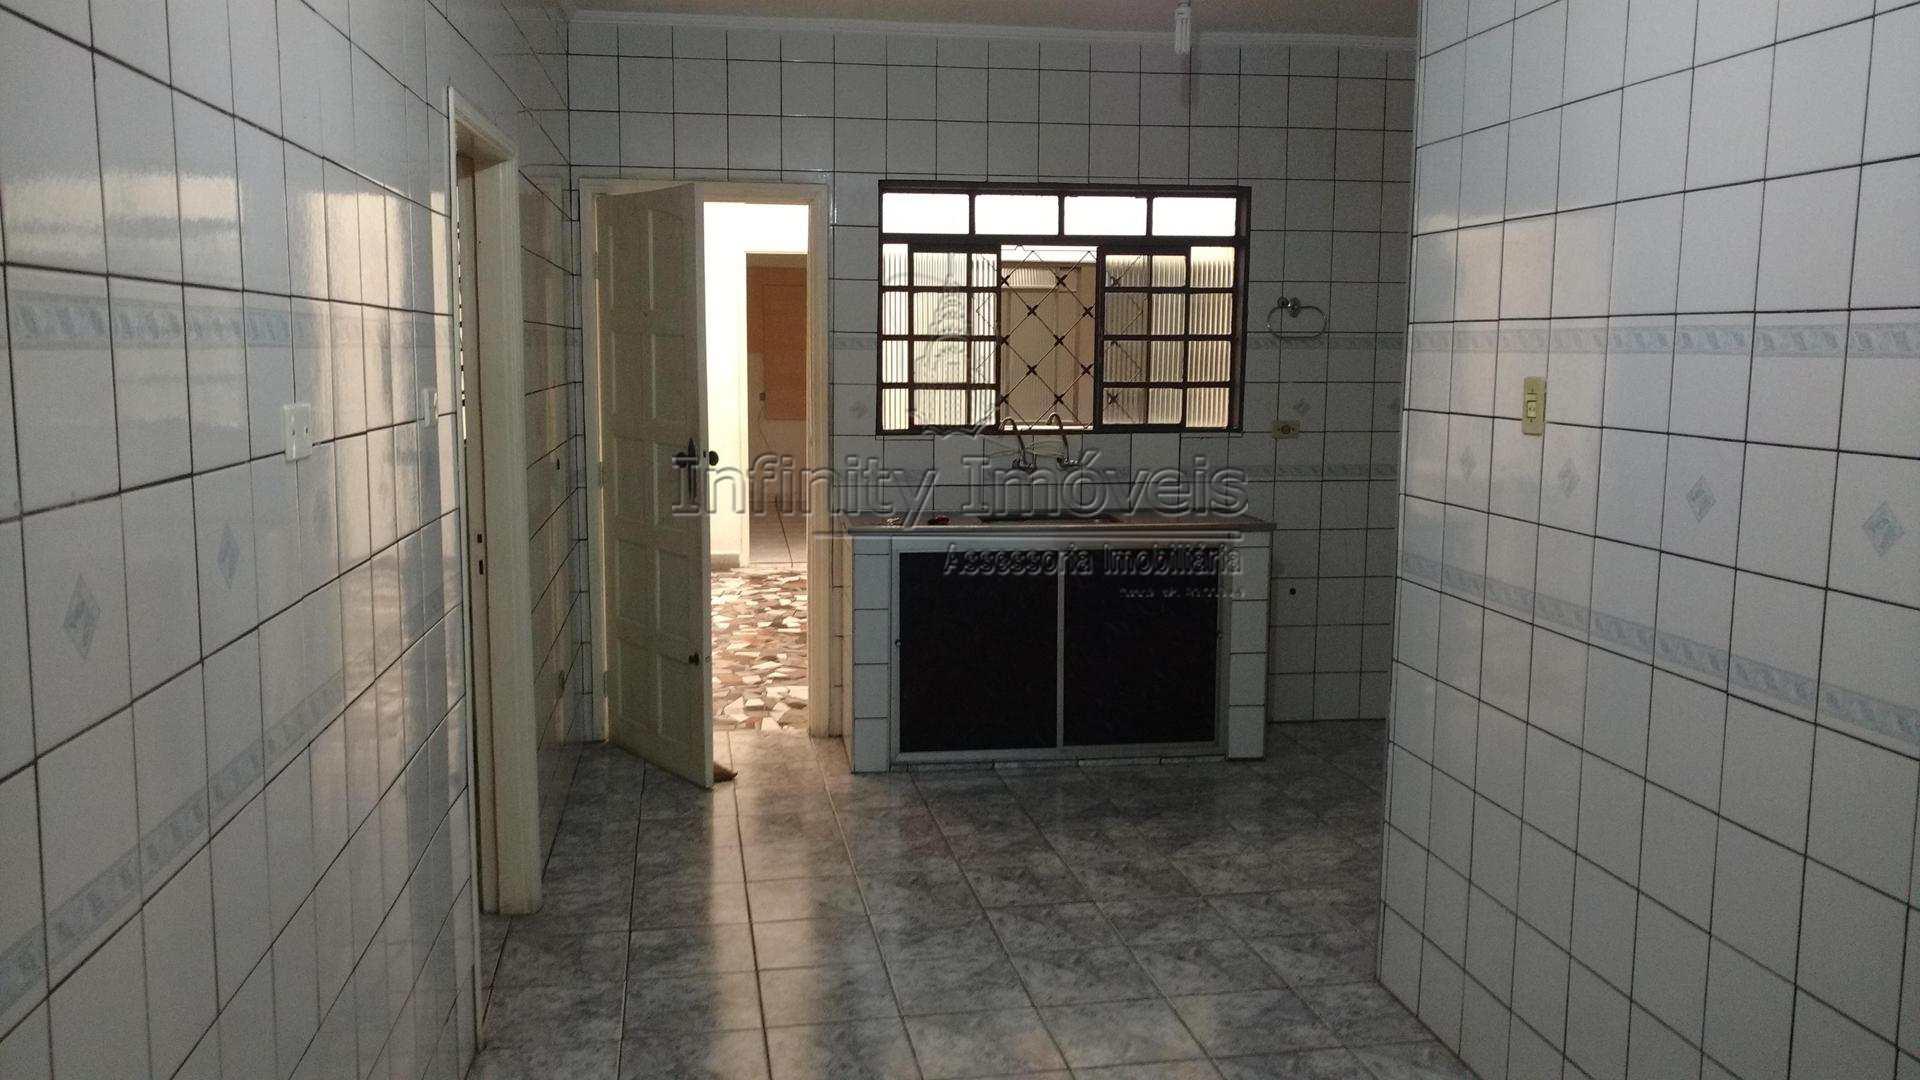 11 - Cozinha 01